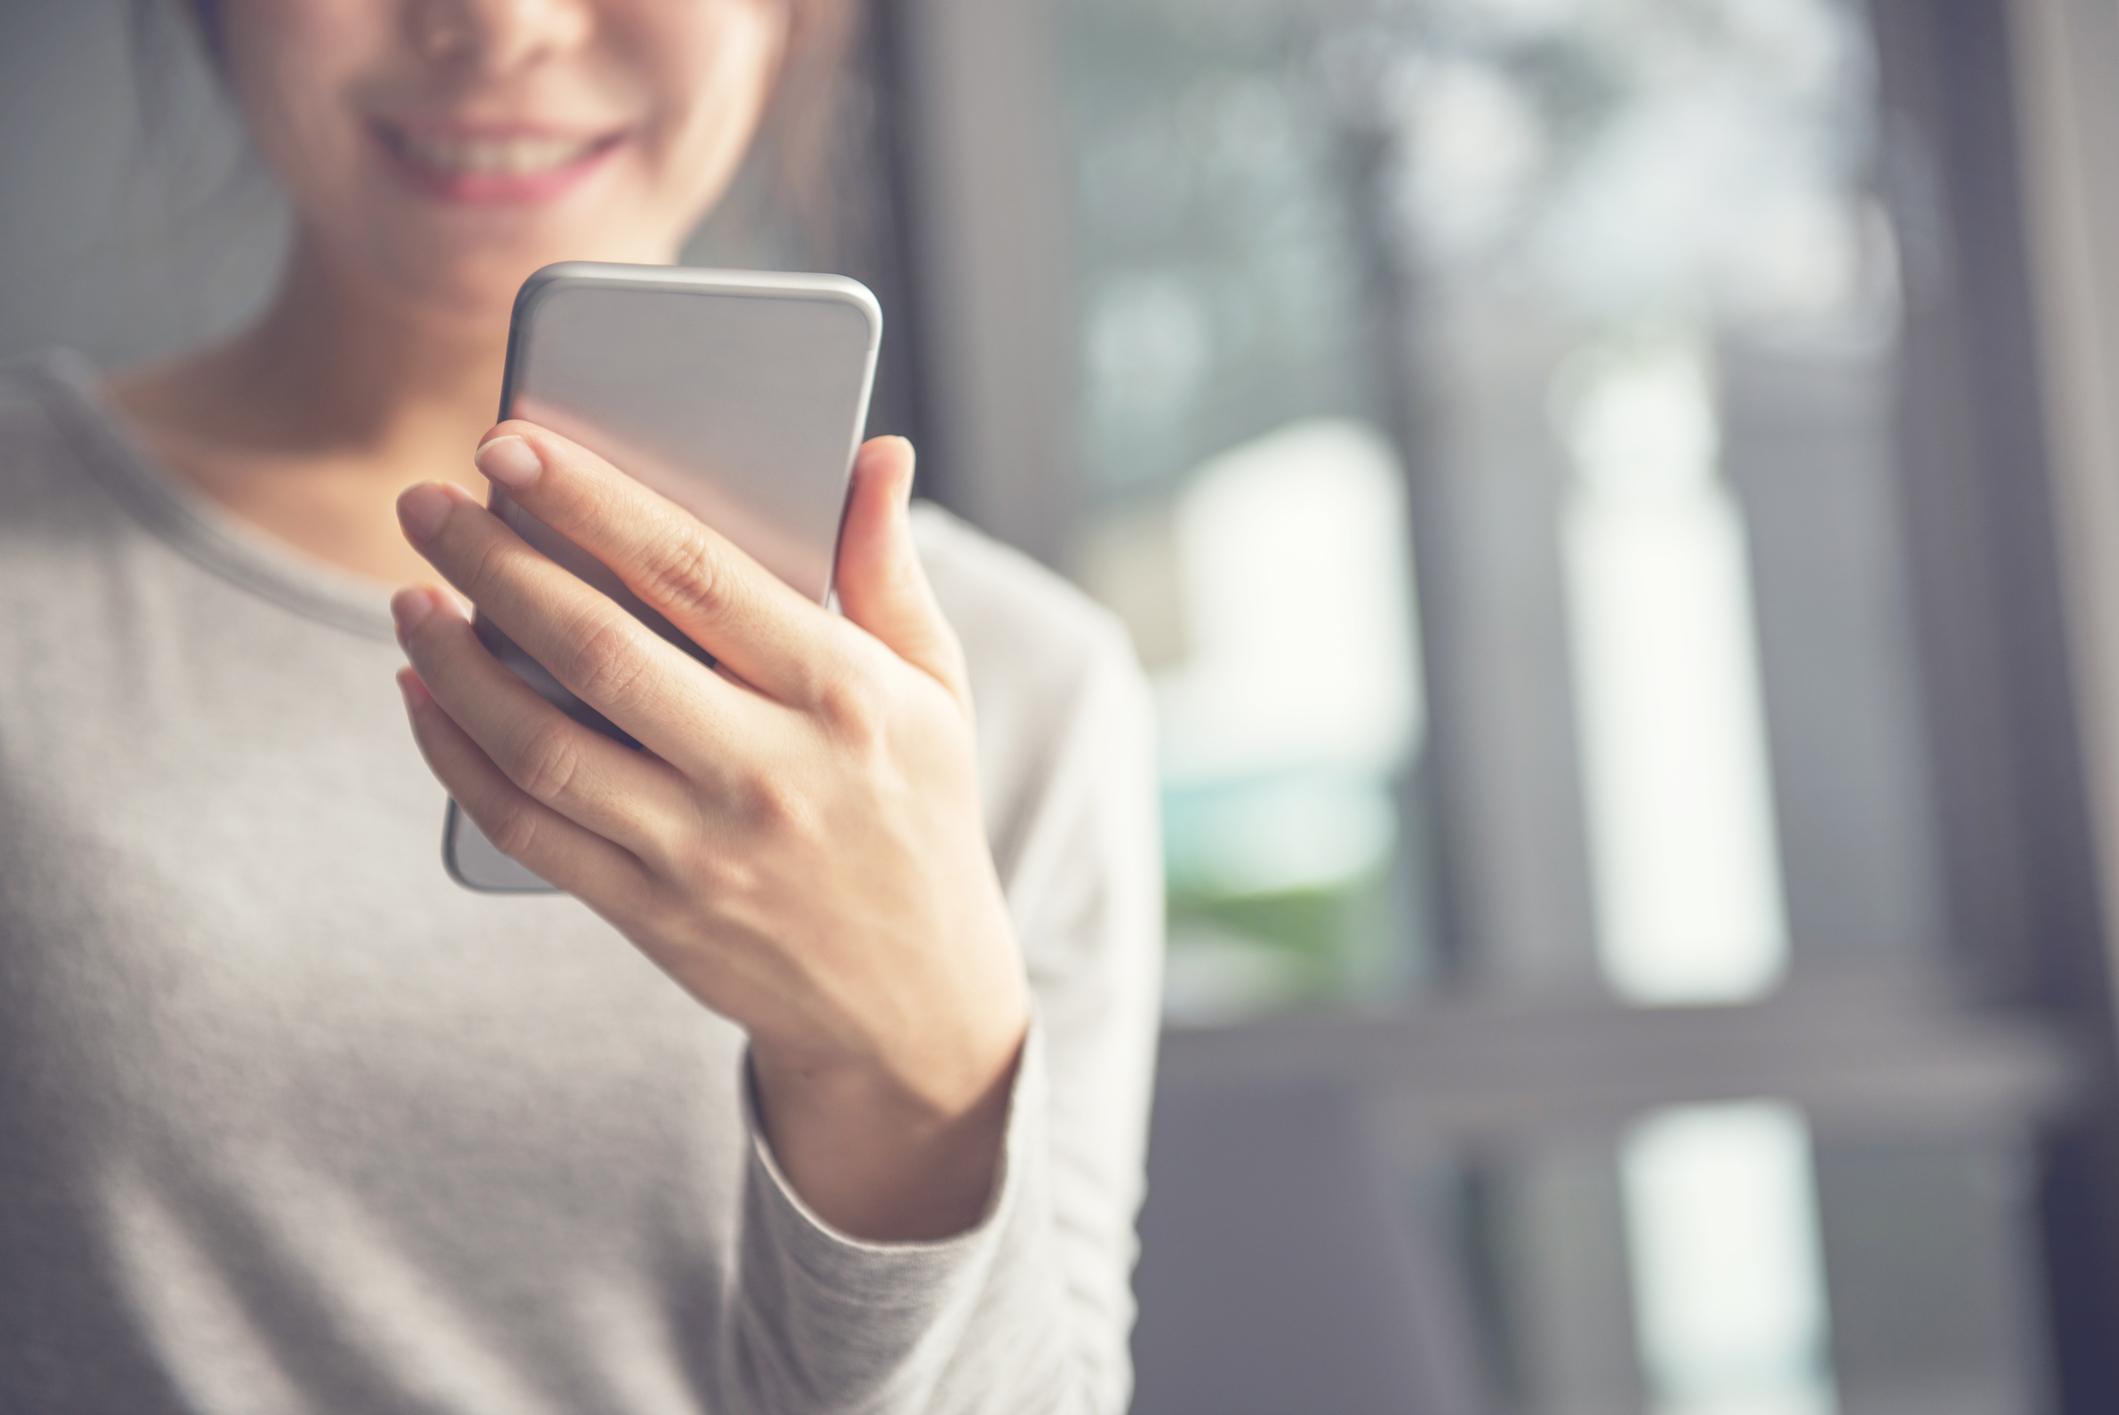 体組成計のデータを確認できるソフトバンクの携帯の画像